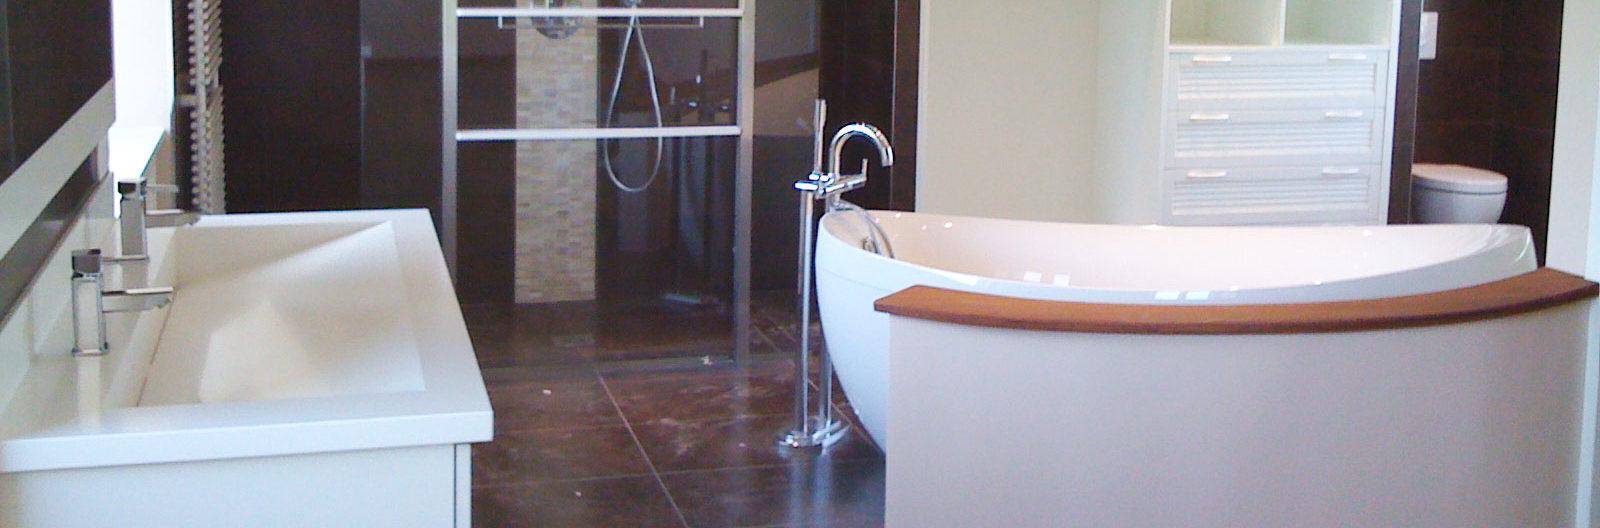 ebenisterie-girard-salle-de-bains-(2)